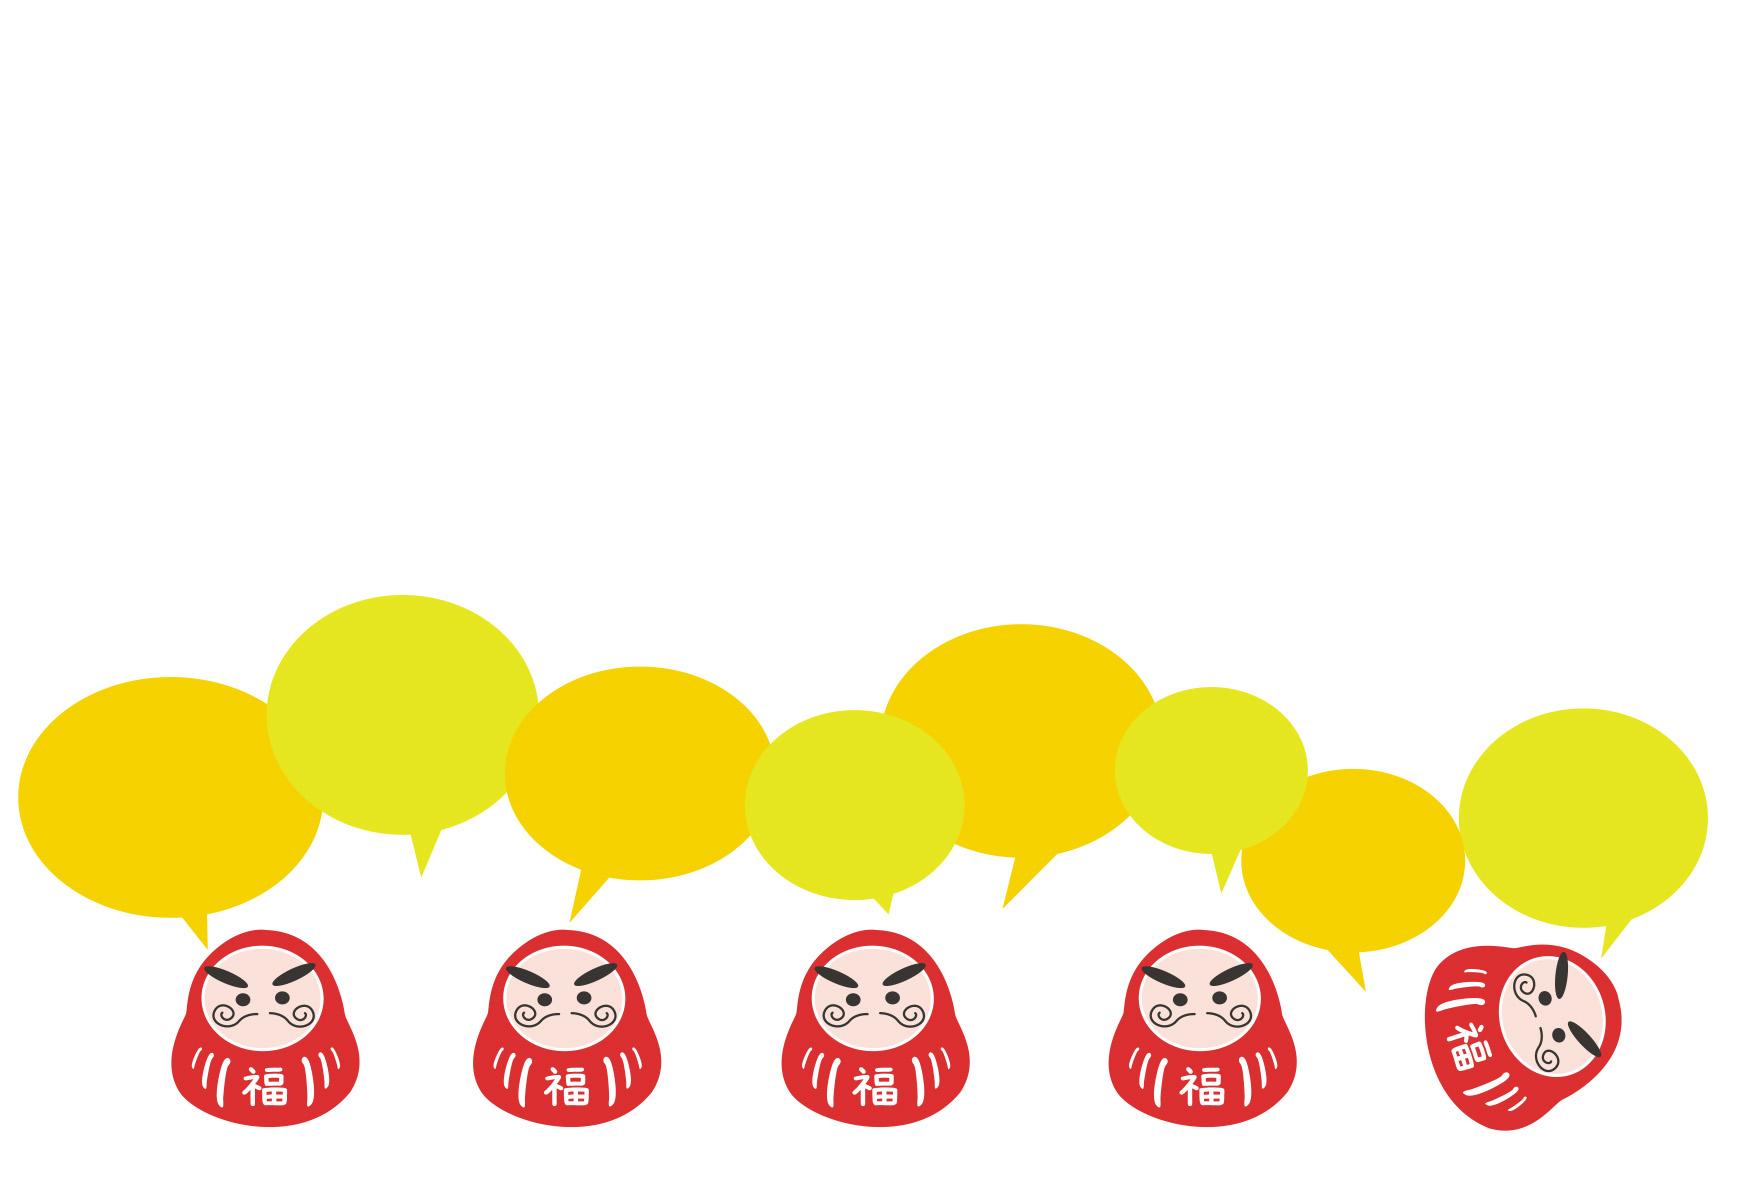 だるまのイラストフレーム 年賀状2015無料イラスト素材集